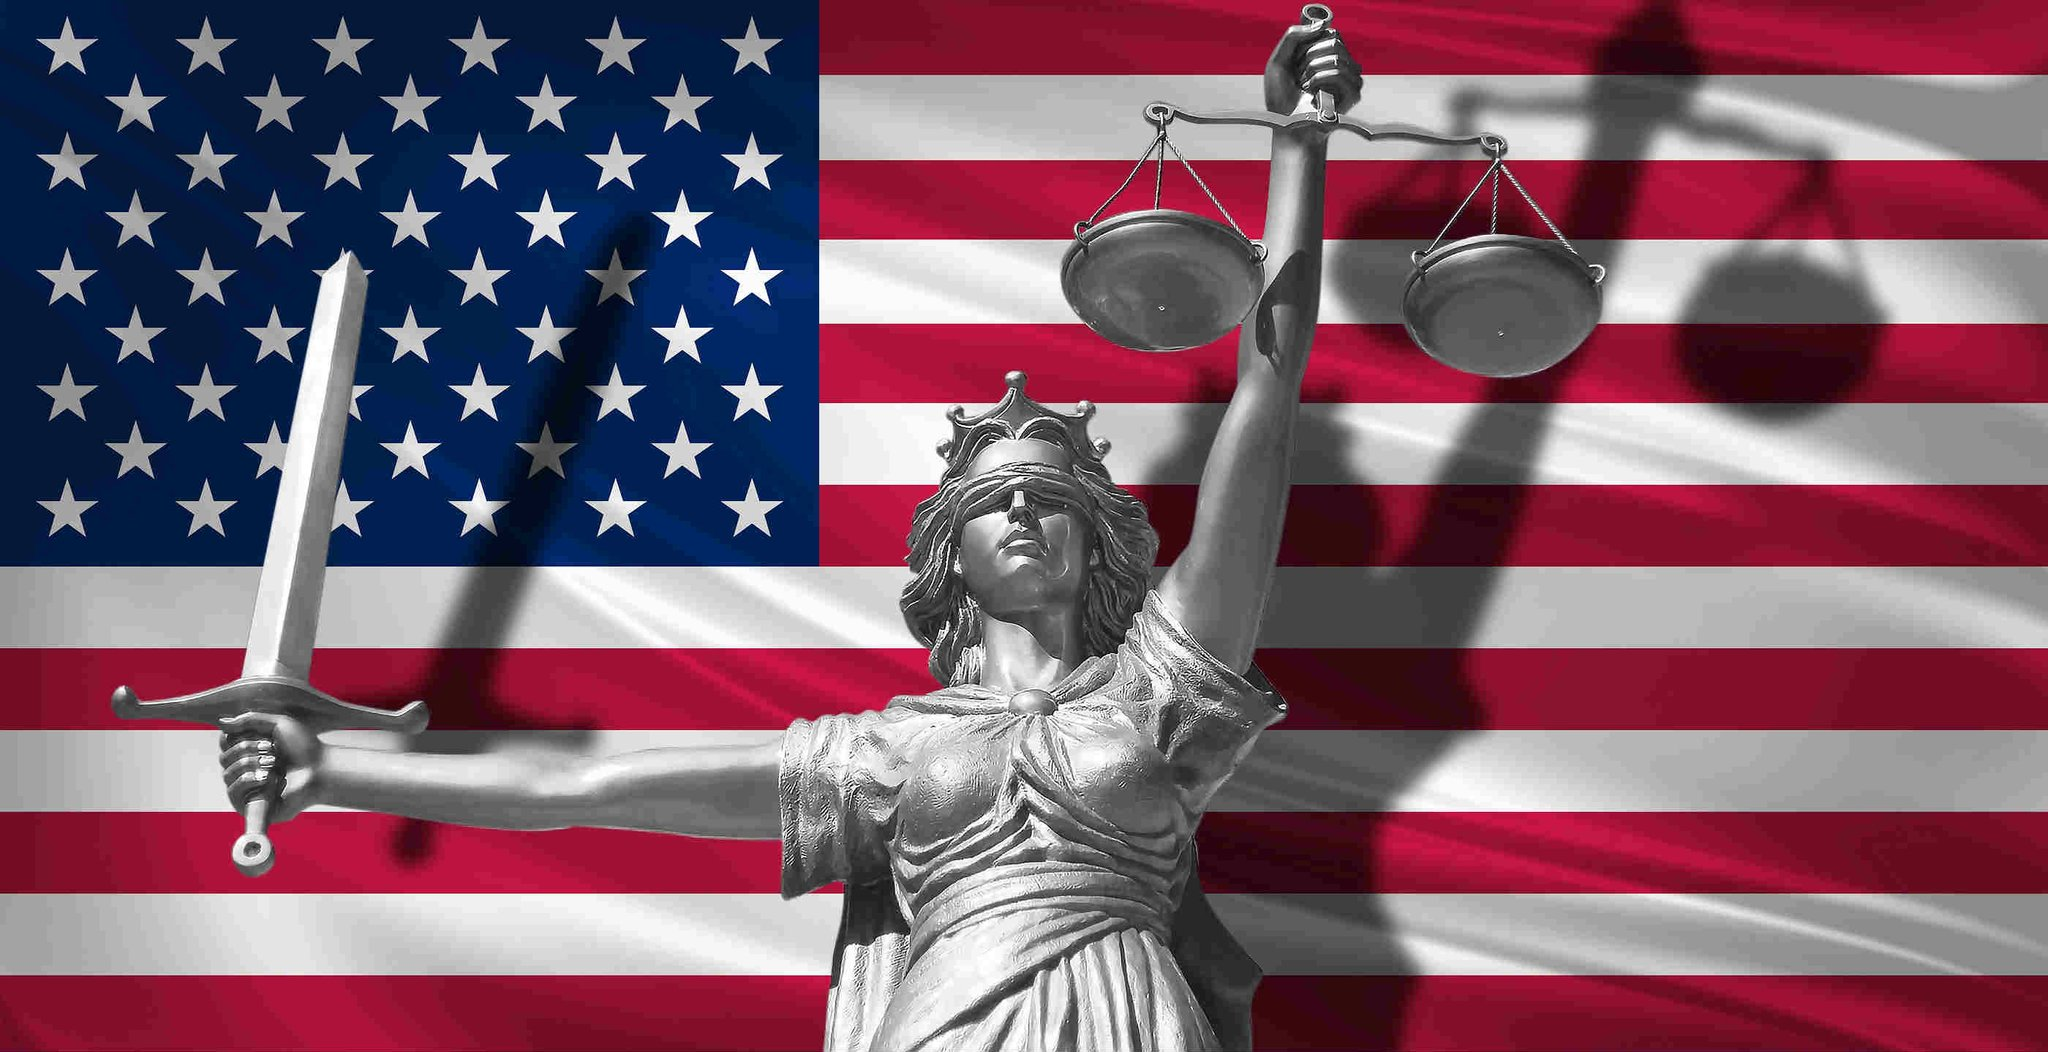 Гибридная война против России. Юридическое направление, или как поставить на колени Москву при помощи тяжб в международных судах. Запад перешёл в наступление (продолжение)